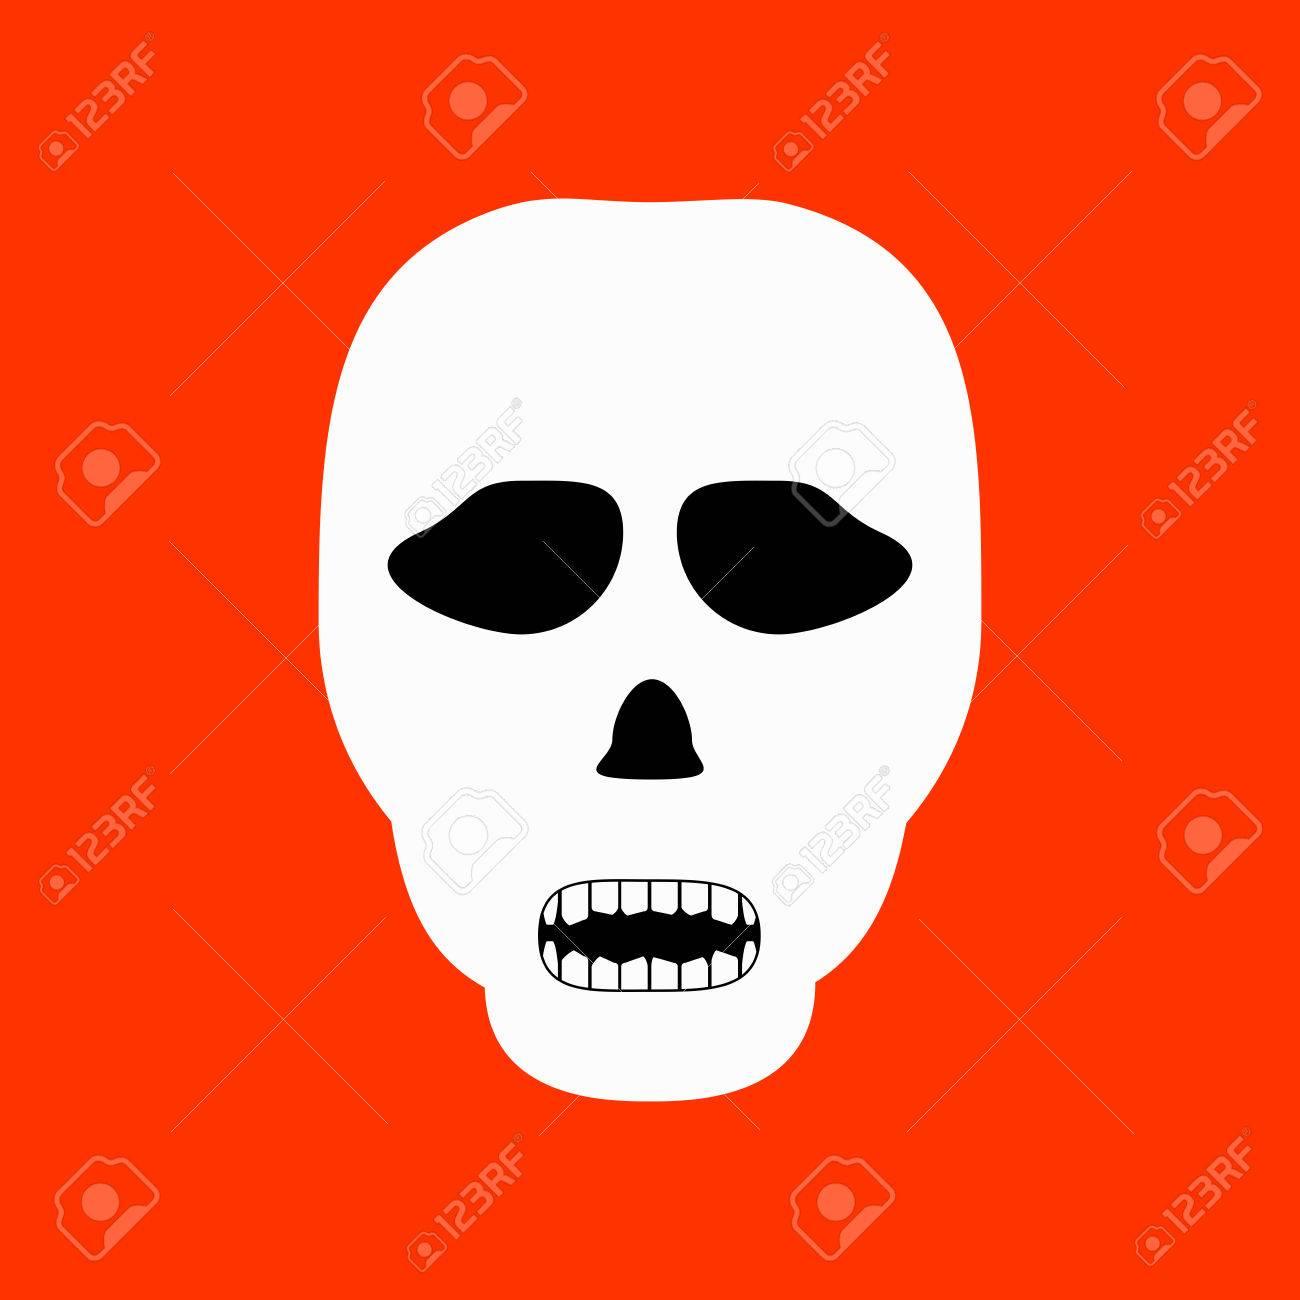 Cráneo Del Fantasma Aislado En El Fondo Naranja. Ilustraciones ...